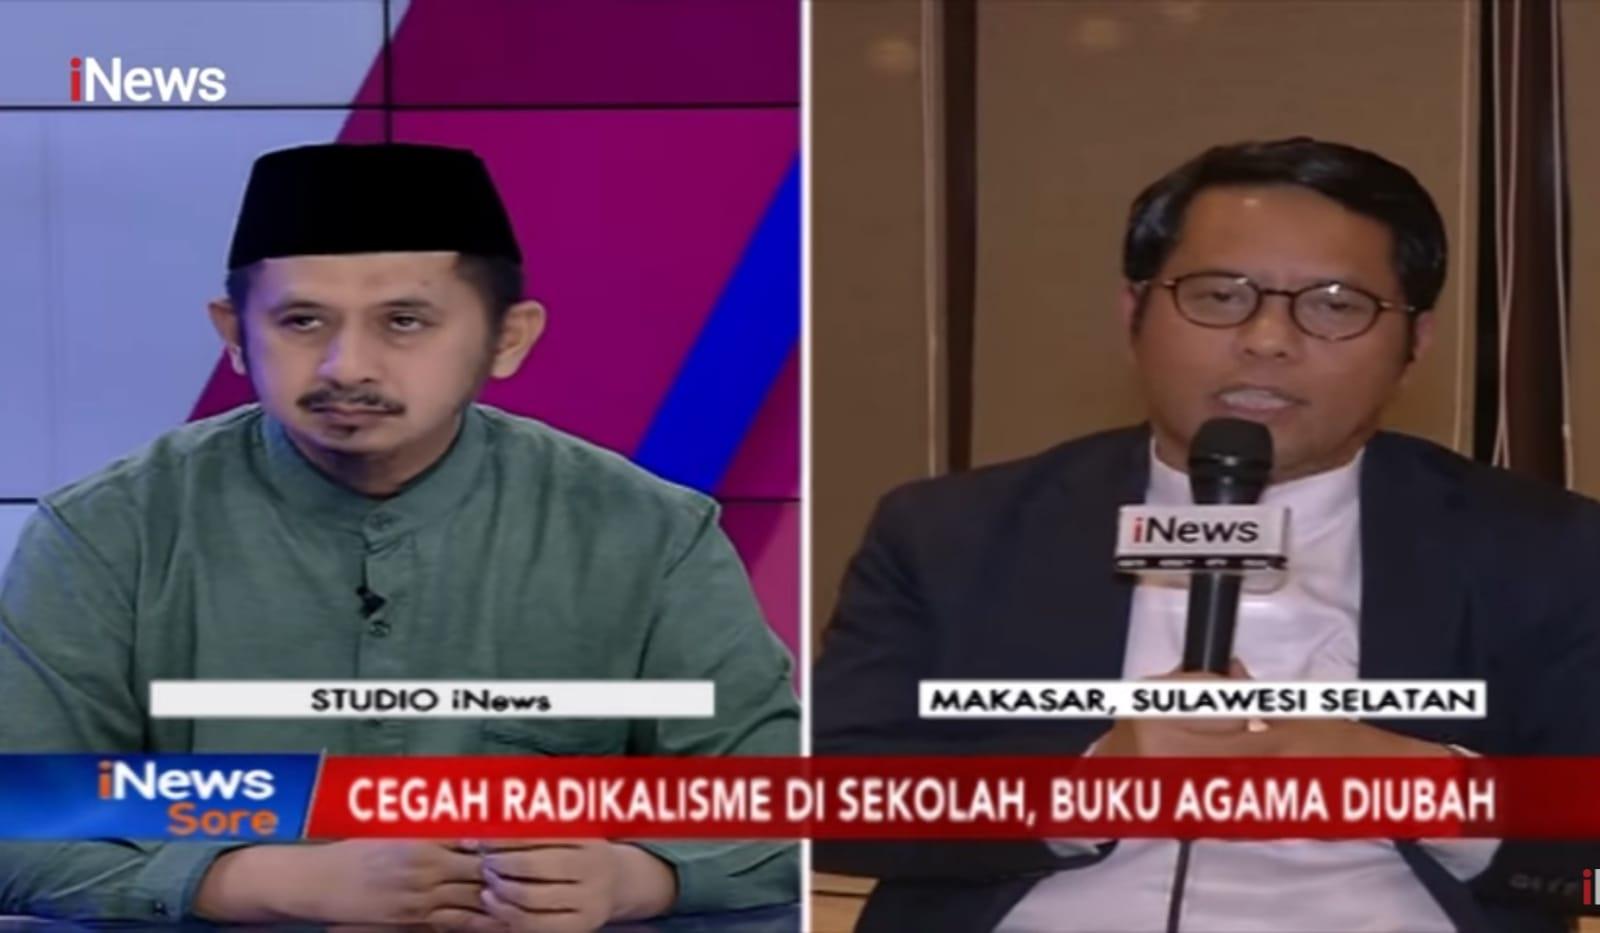 Foto Prof Kamaruddin Amin (kanan) dan KH. Muhammad Zaitun Rasmin (kiri) pada dialog Tangkal Radikalisme. INews sore, Jum'at (15/11/2019)